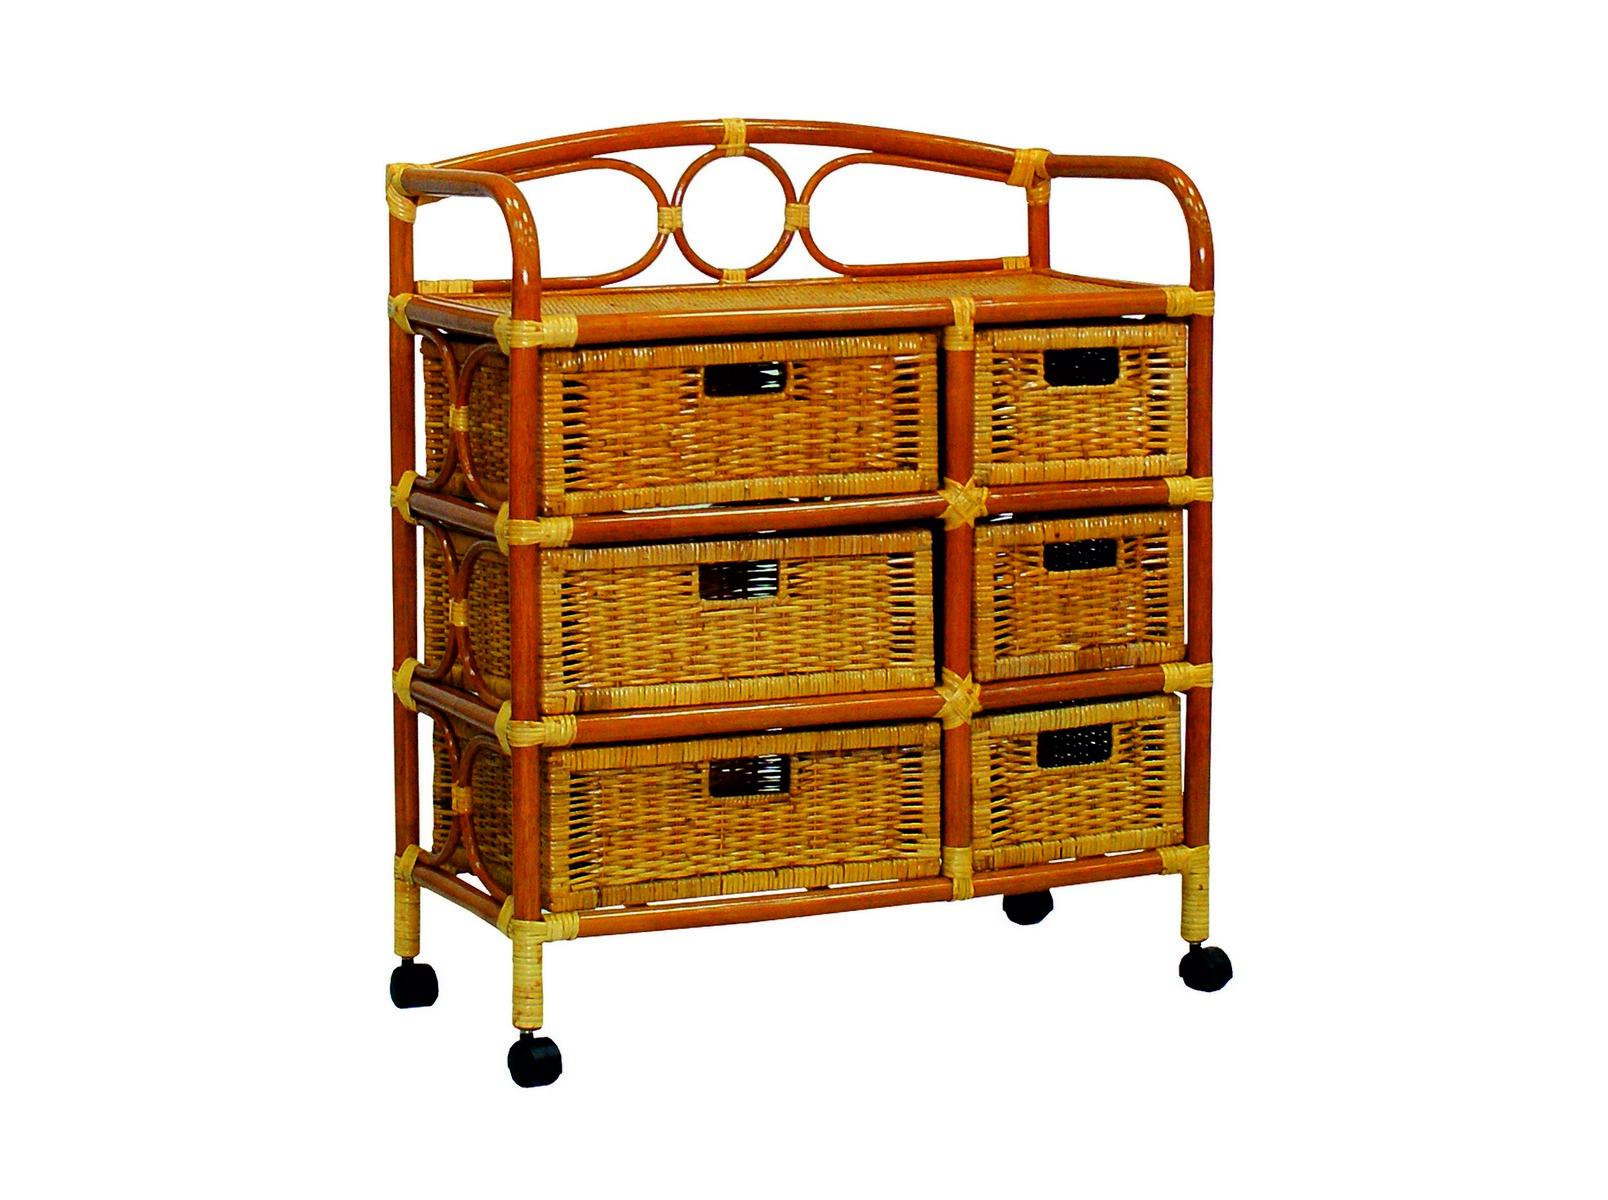 Комод с плетеными ящикамиБельевые комоды<br>Ротанг — гибкое и прочное растение, мебель из ротанга может выдерживать большой вес. Важным достоинством комода из ротанга является его легкость.&amp;lt;div&amp;gt;&amp;lt;br&amp;gt;&amp;lt;/div&amp;gt;&amp;lt;div&amp;gt;Цвет: коньячный&amp;lt;/div&amp;gt;&amp;lt;div&amp;gt;Особенности:  на колесиках&amp;lt;/div&amp;gt;&amp;lt;div&amp;gt;Вес: 11 кг&amp;lt;/div&amp;gt;<br><br>Material: Ротанг<br>Width см: 75<br>Depth см: 37<br>Height см: 88